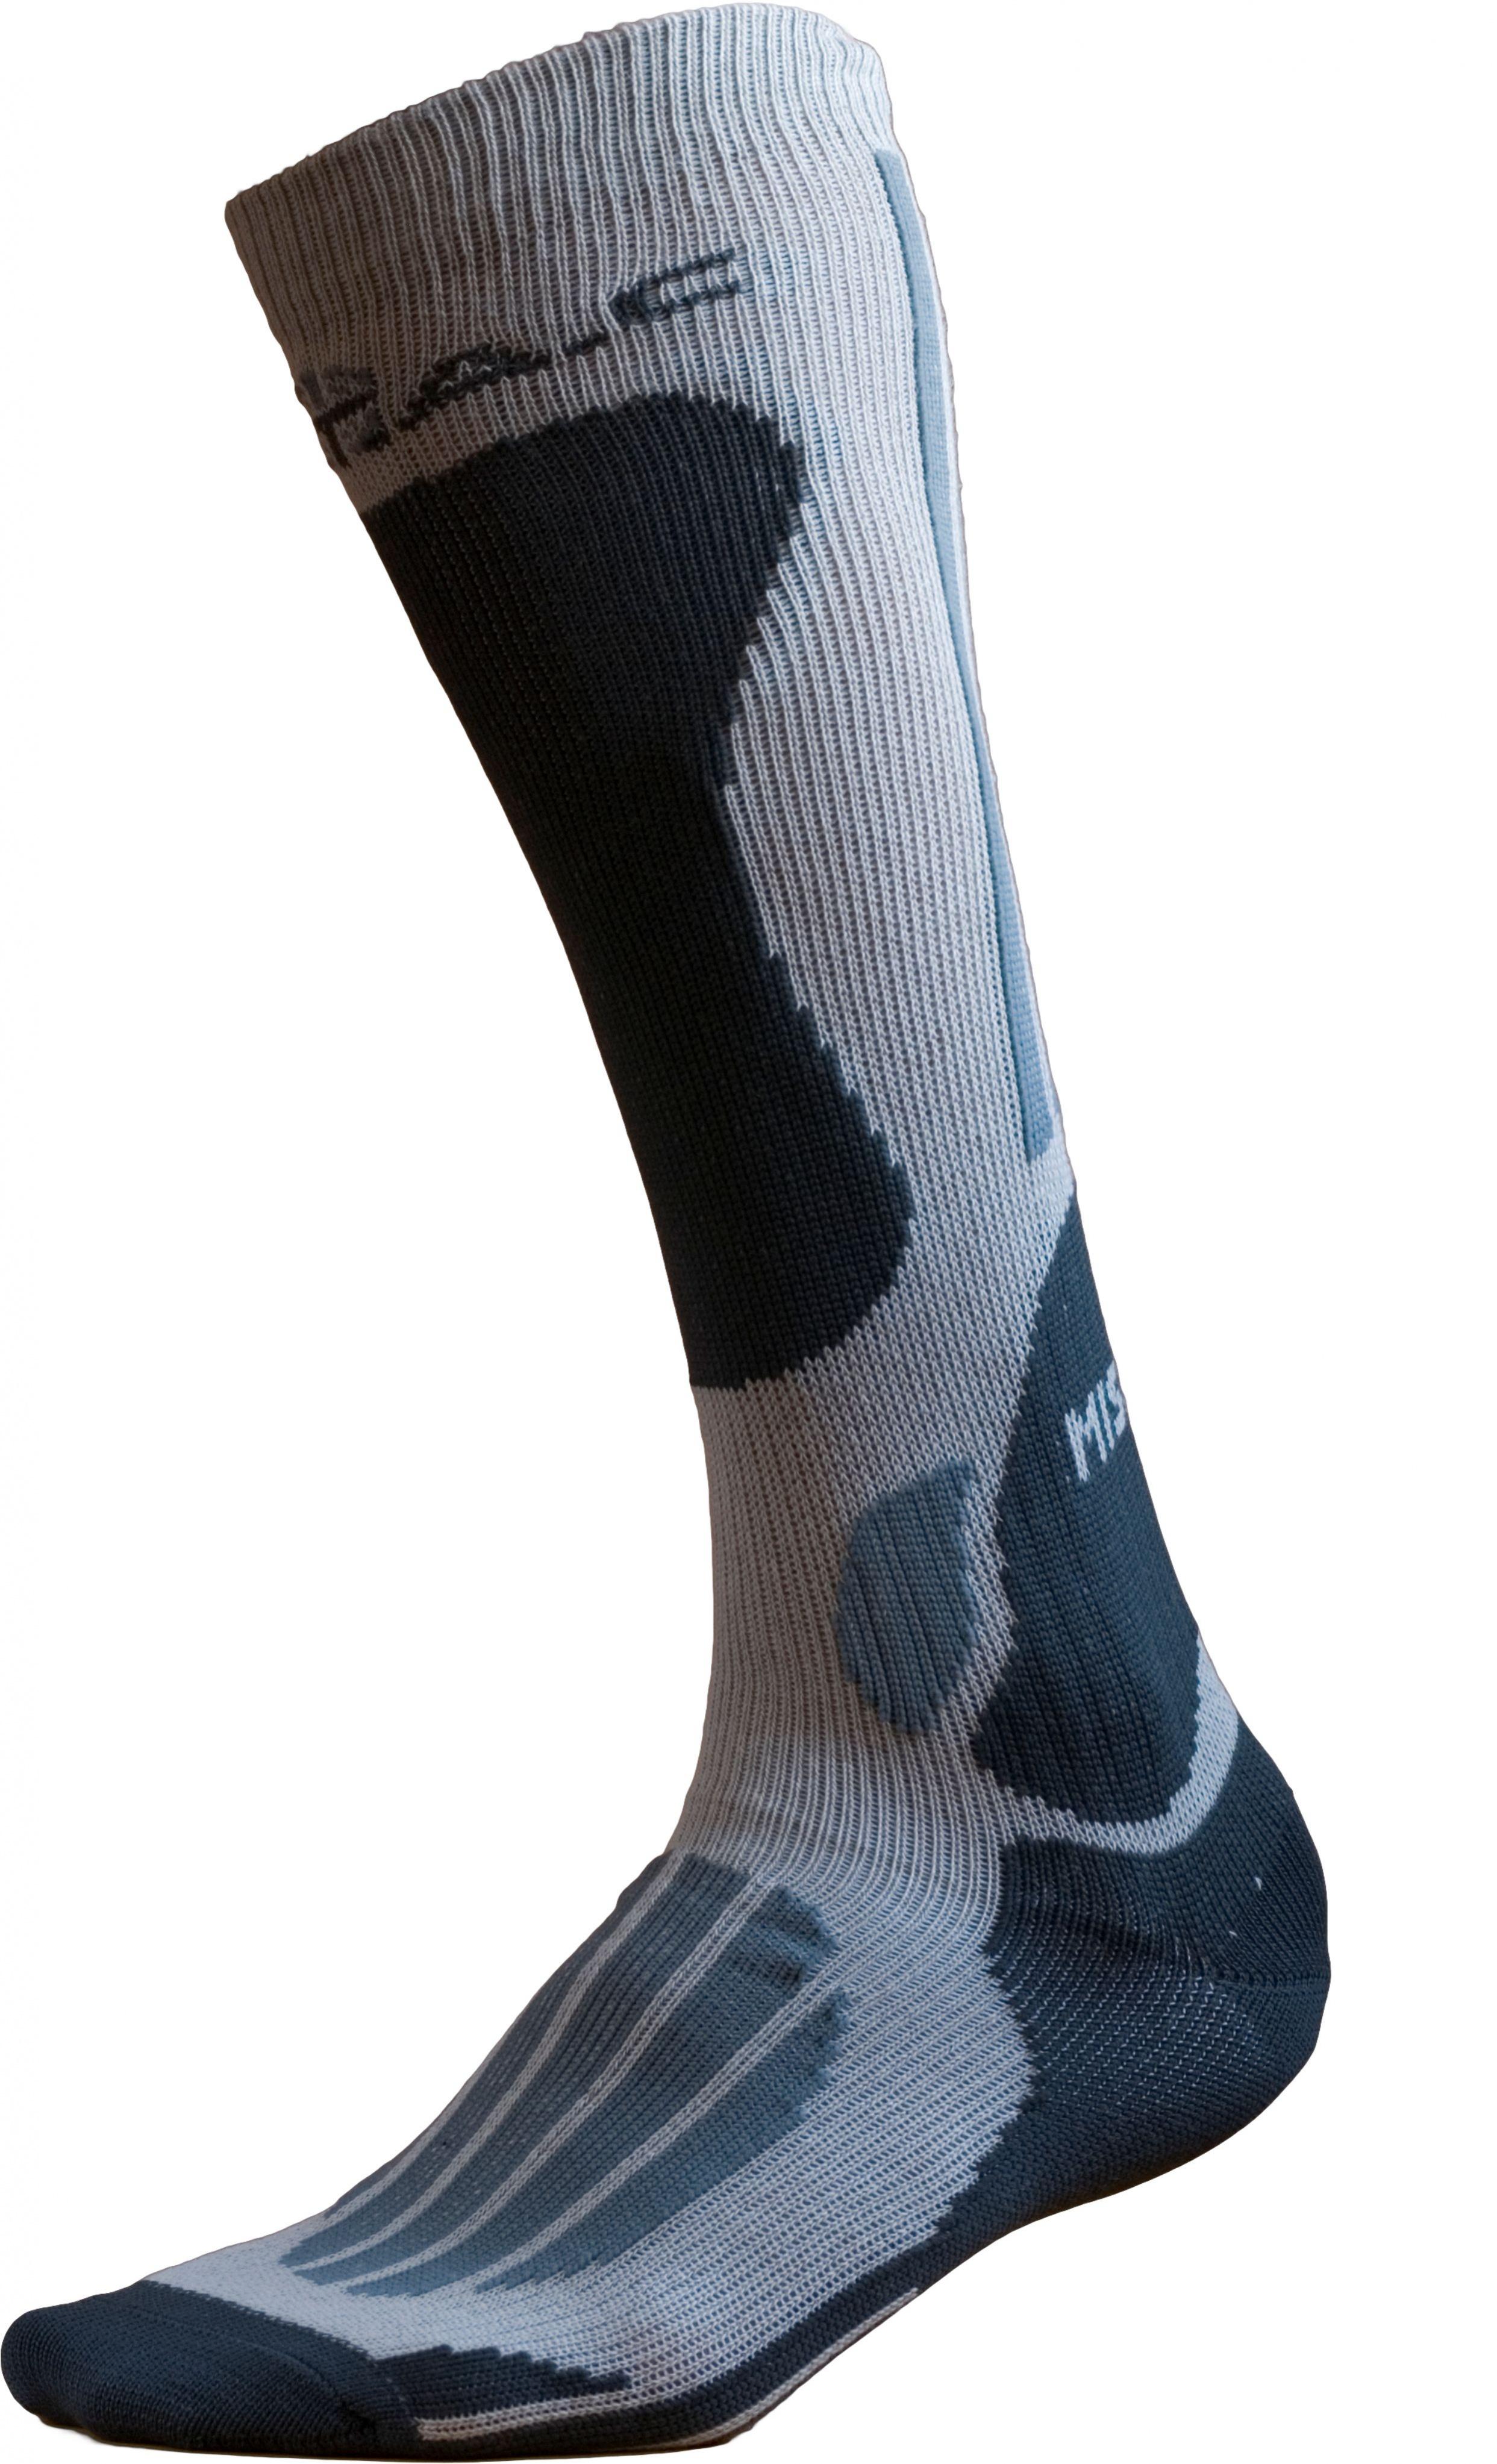 Ponožky BATAC Mission MI13 vel. 36-38 - grey